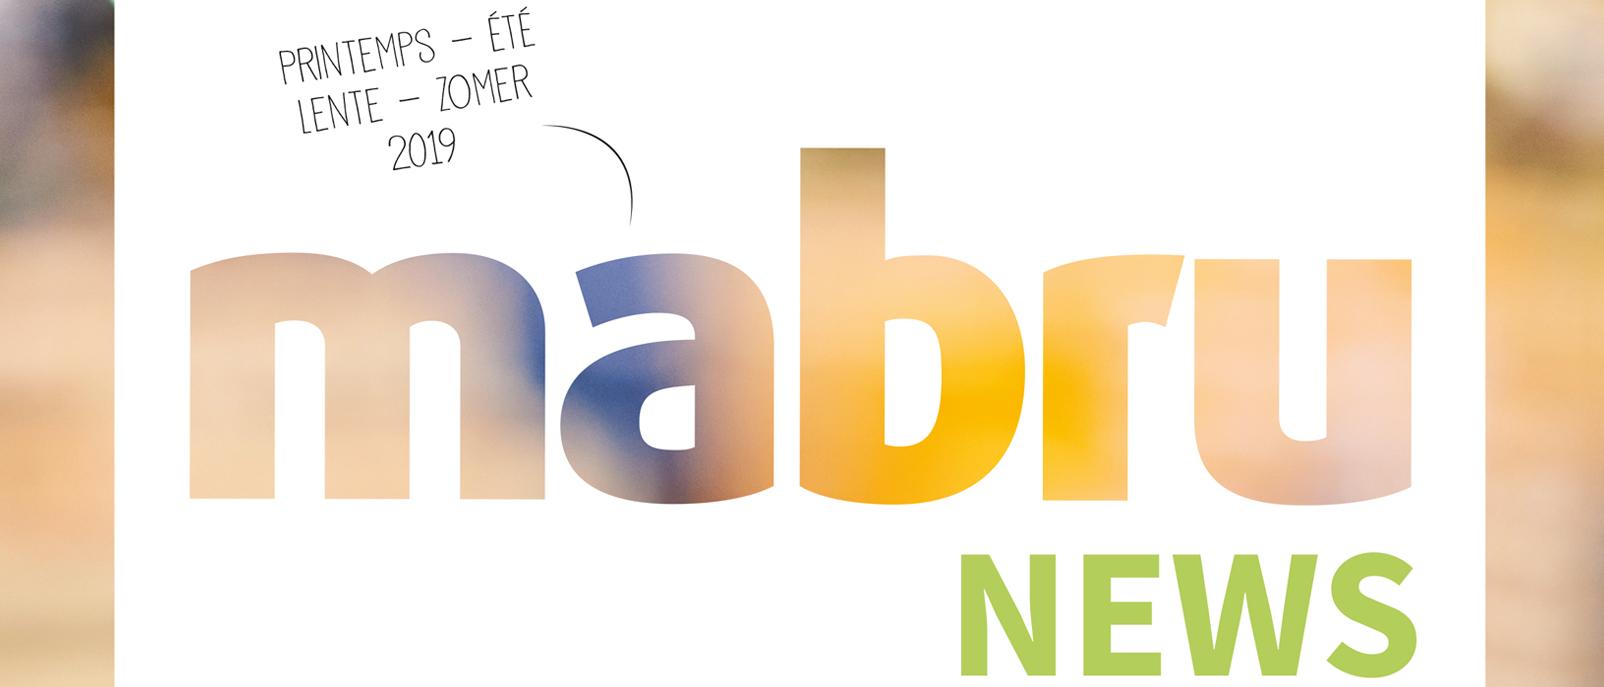 Le Mabru News Printemps-Été 2019 est sorti